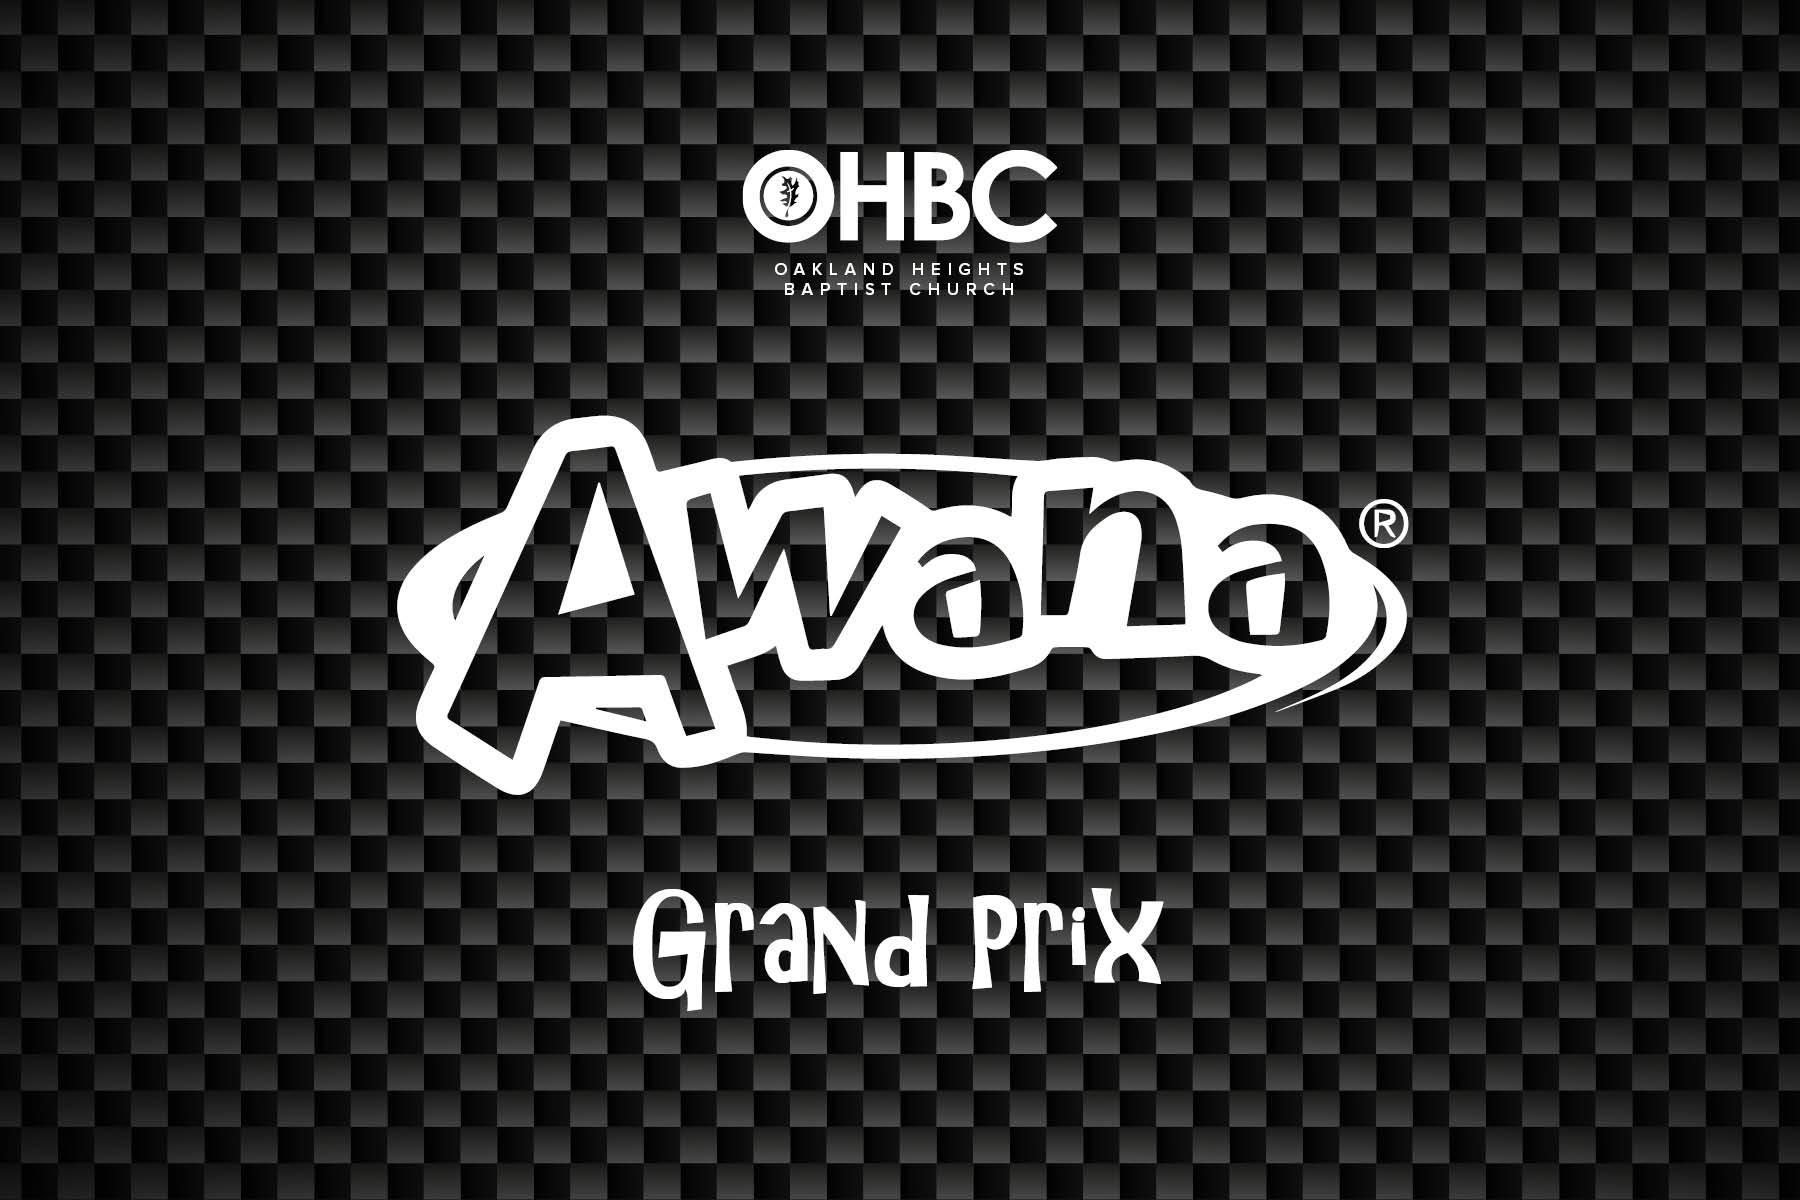 Awana Grand Prix.jpg